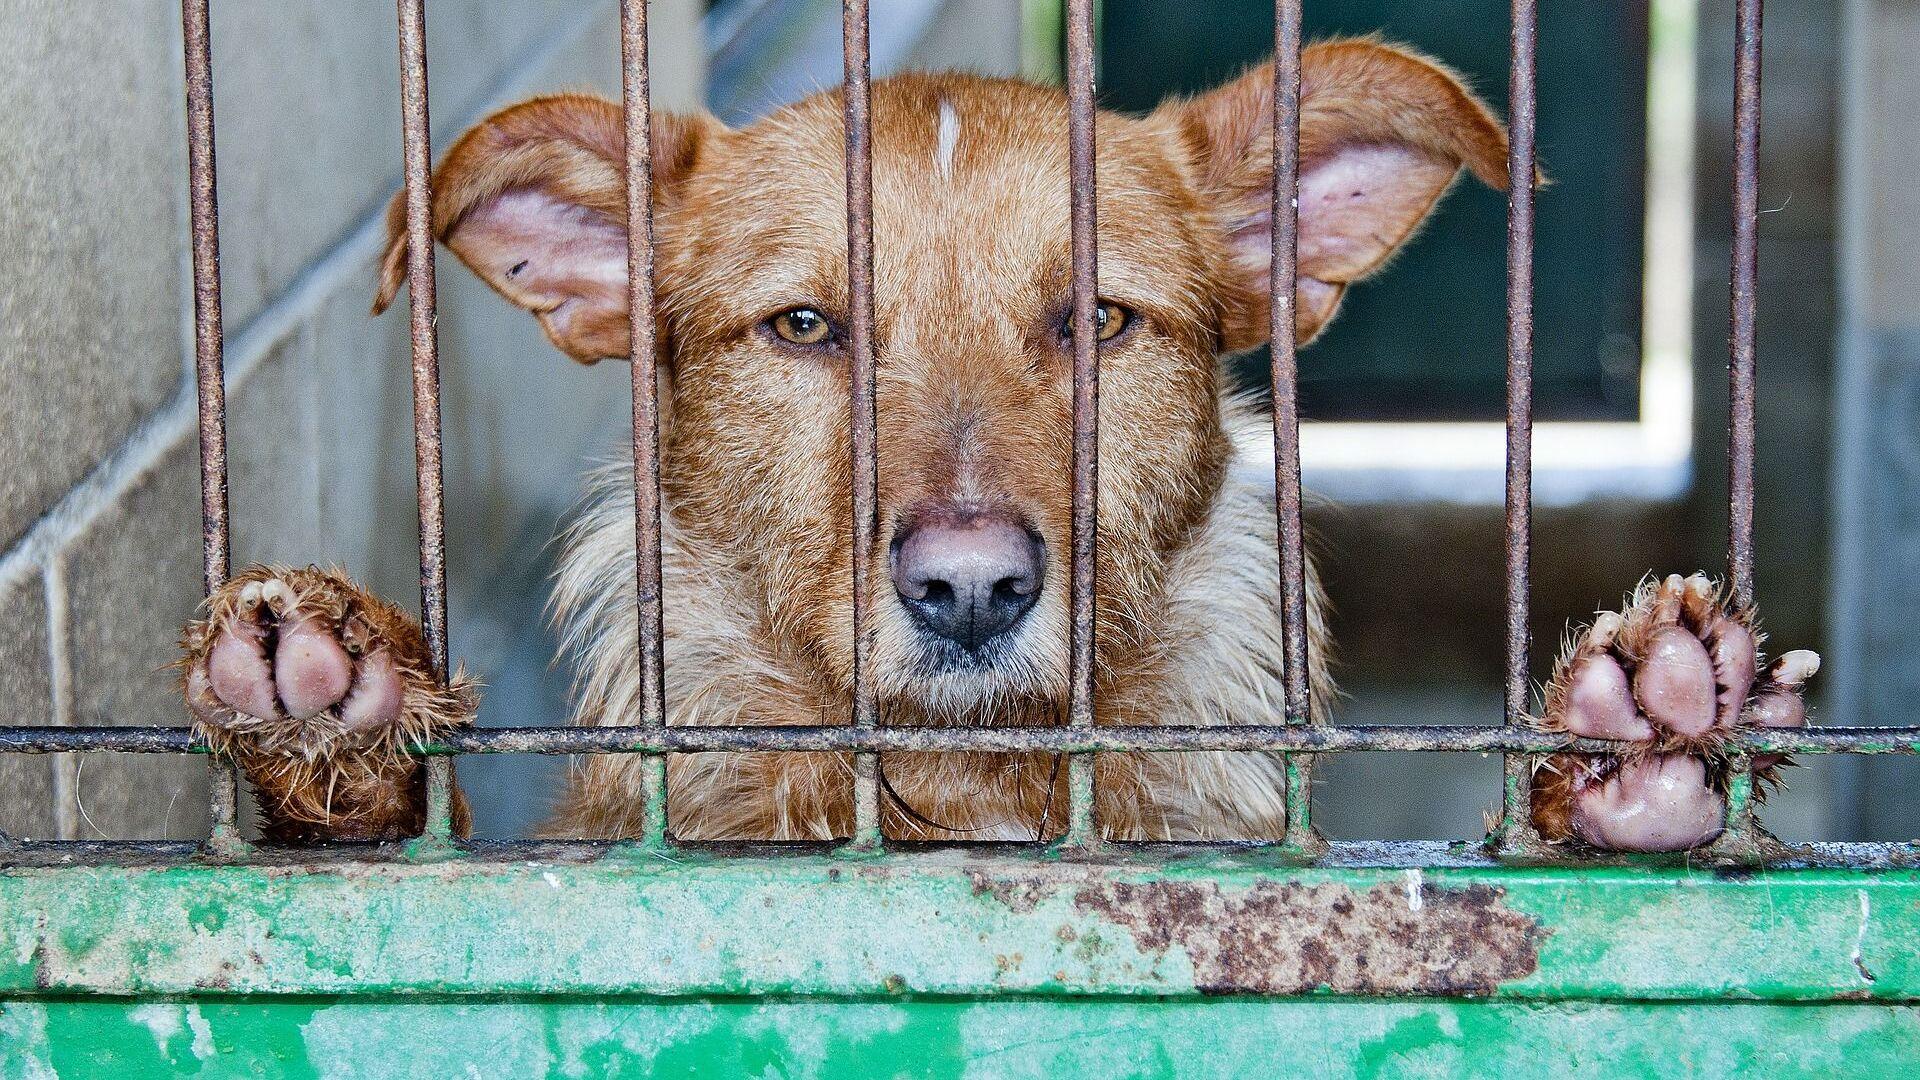 Una gabbia troppo piccola per un cane di grossa taglia? Non è molto sicuro - Video - Sputnik Italia, 1920, 22.04.2021